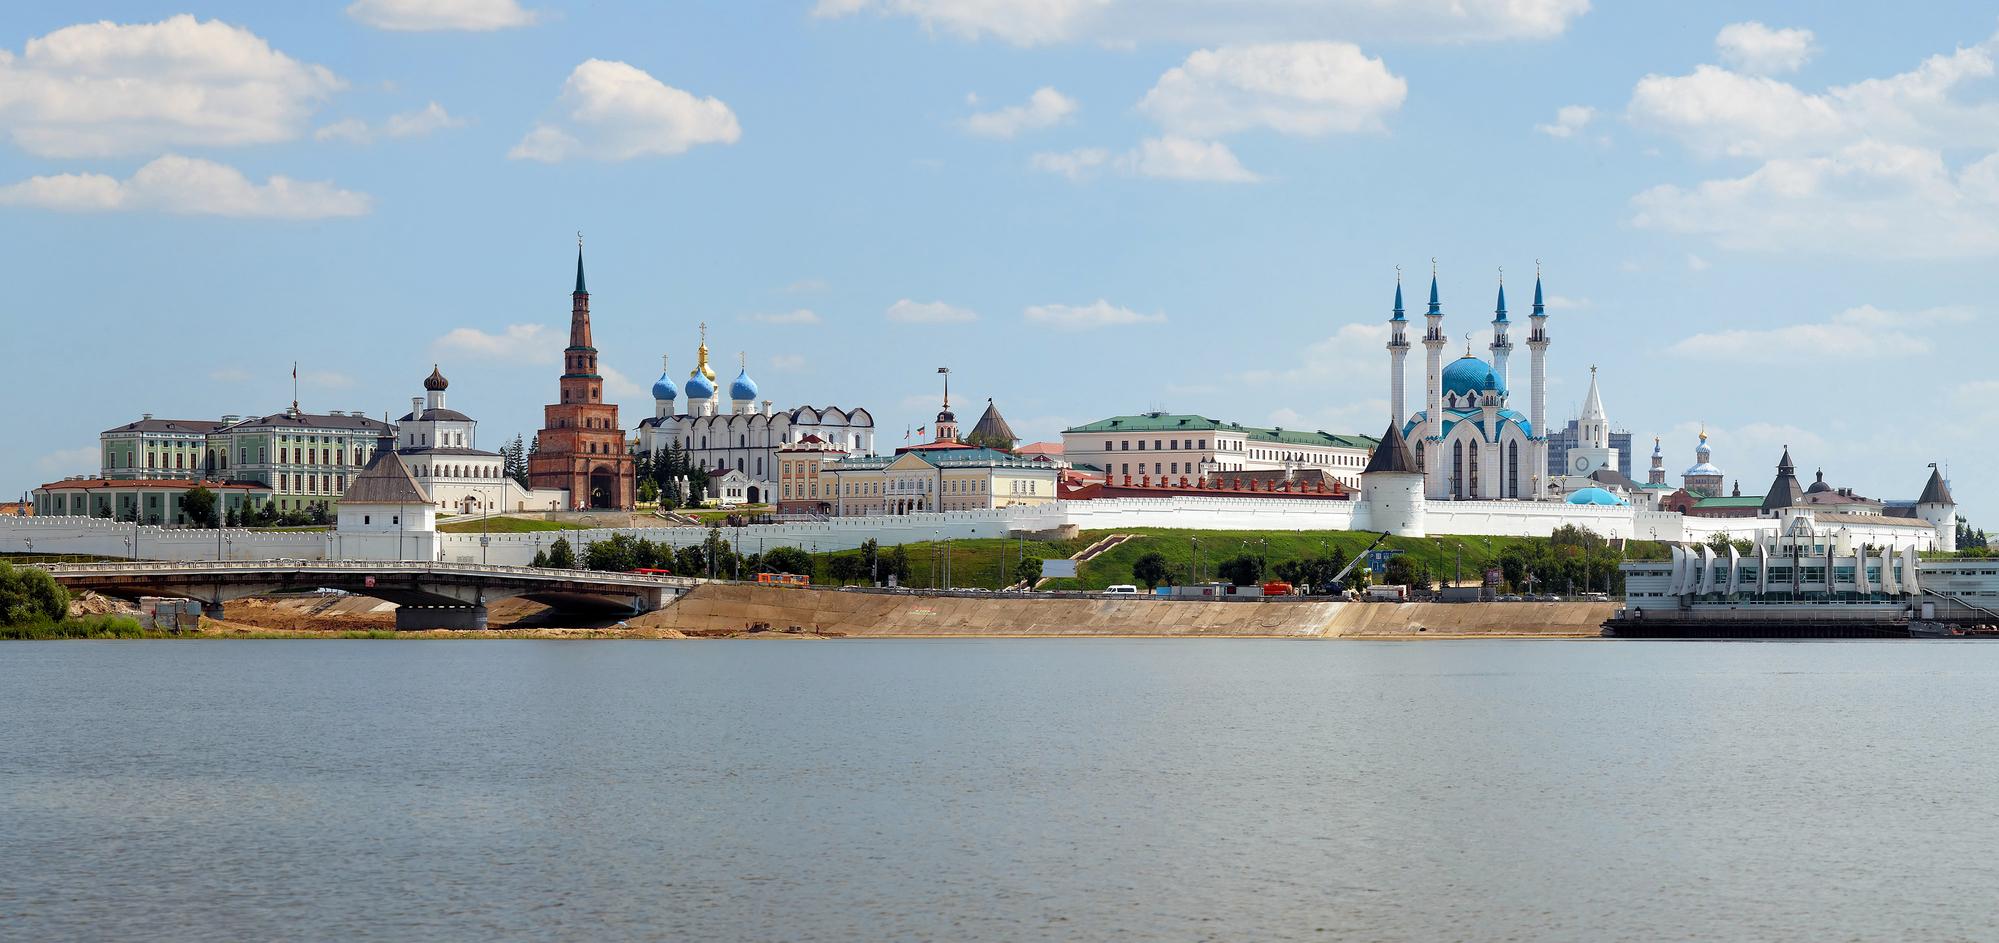 Панорама Казанского Кремля